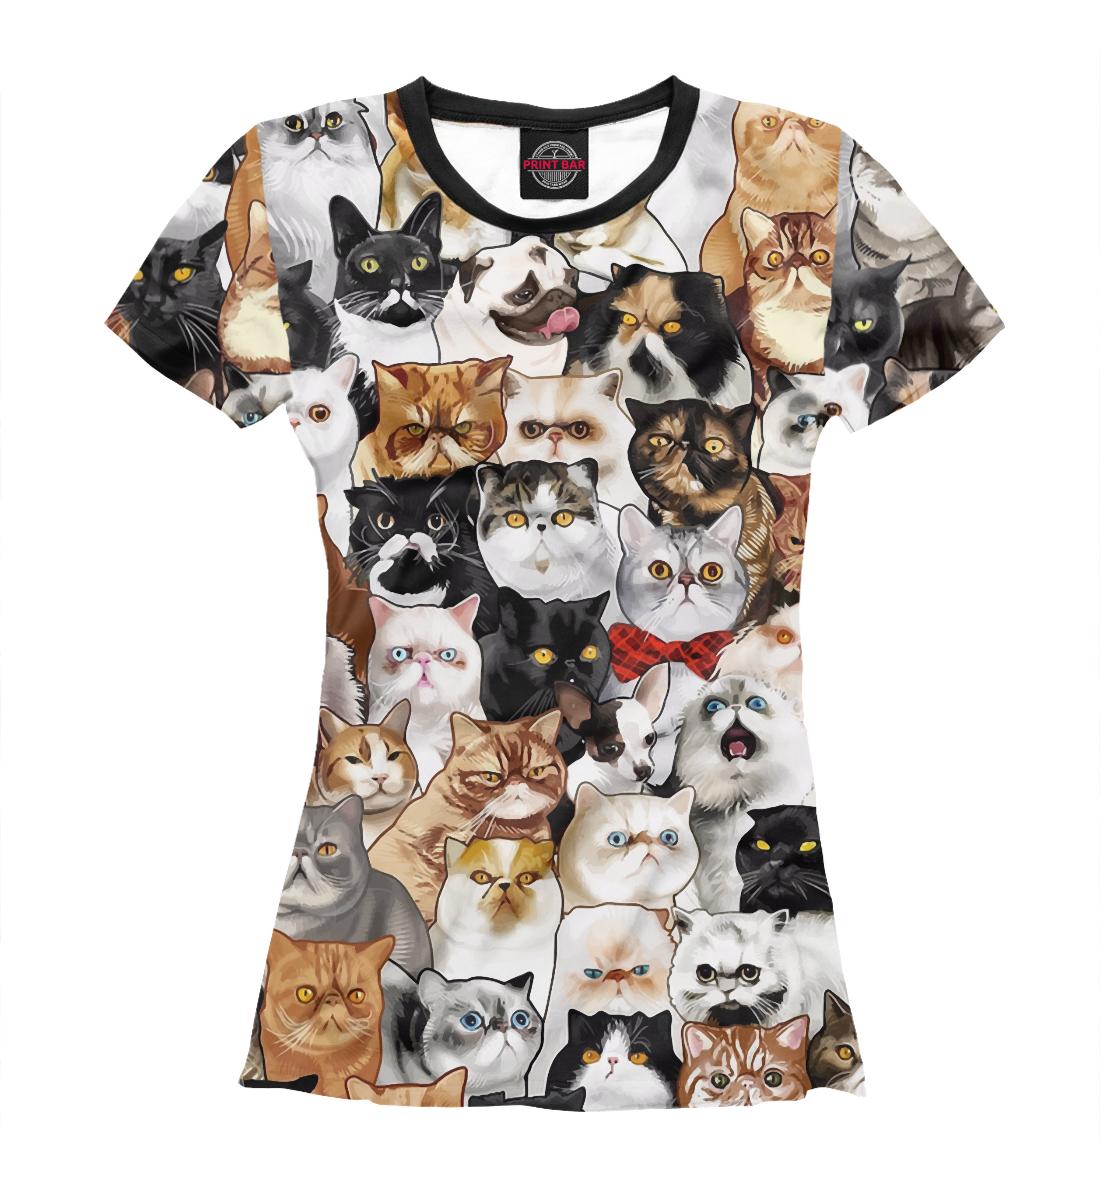 Купить Коты и Мопс, Printbar, Футболки, CAT-669180-fut-1